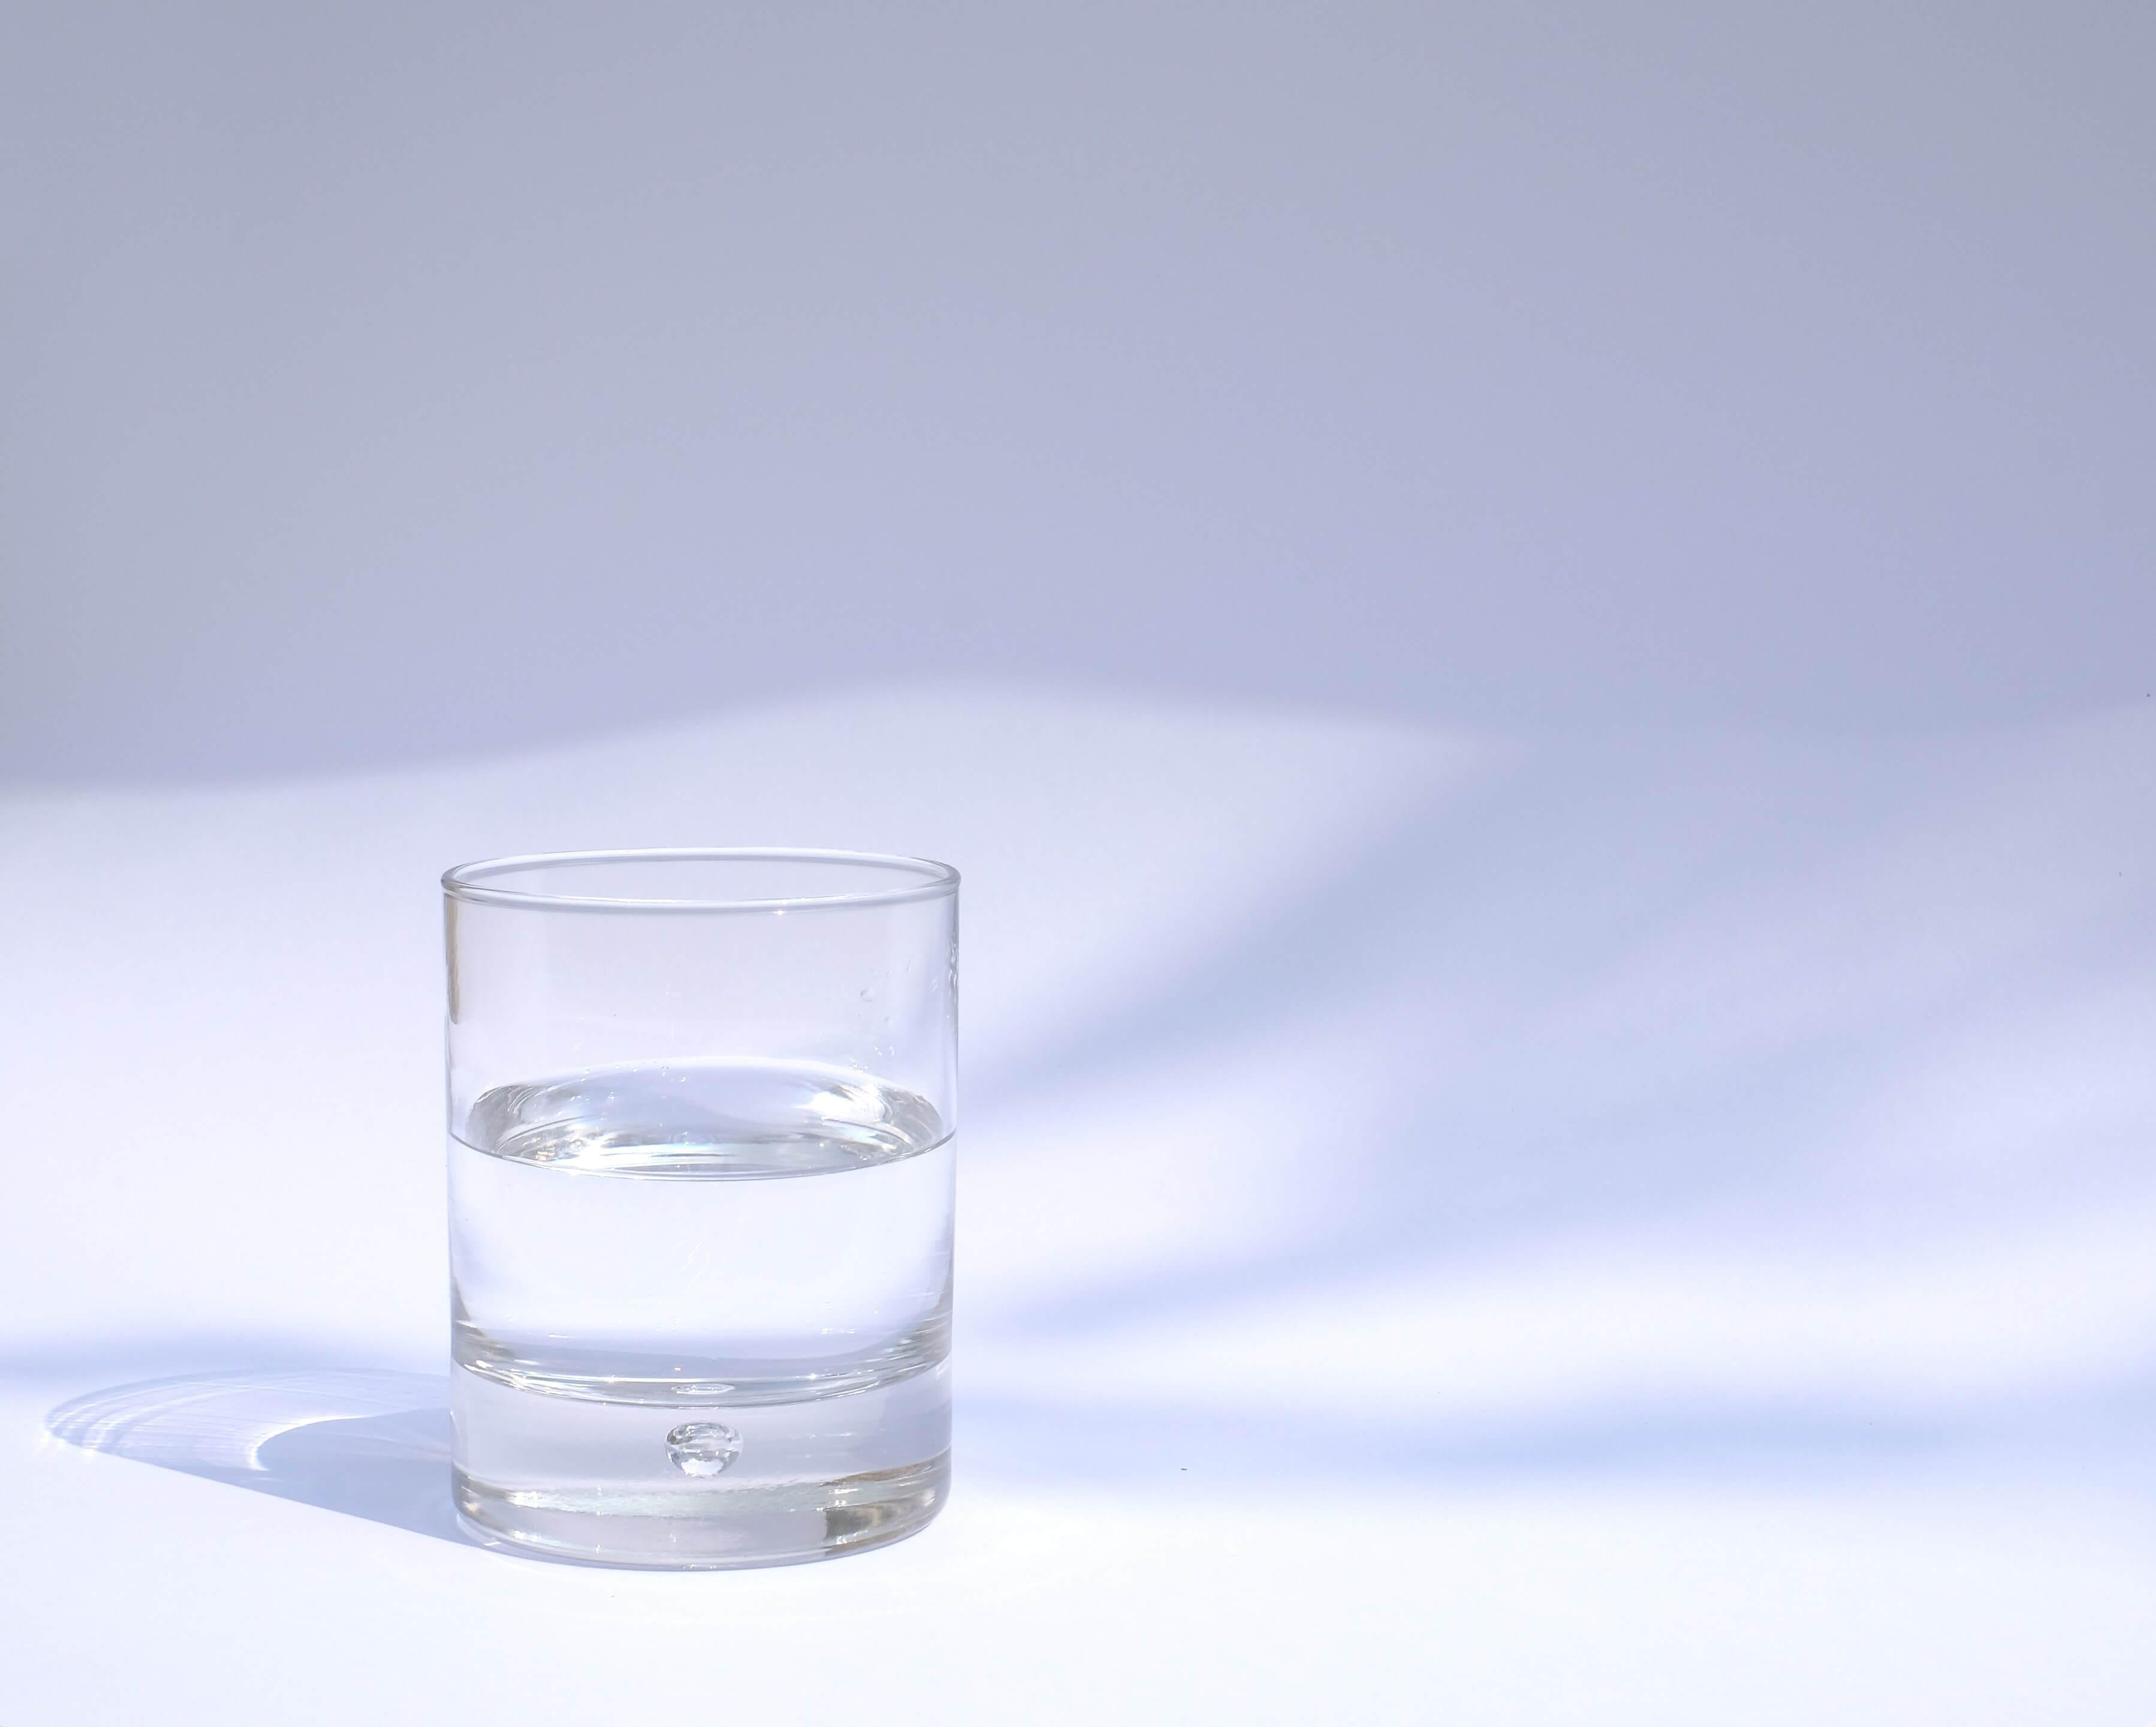 Zadržavanje tekućine